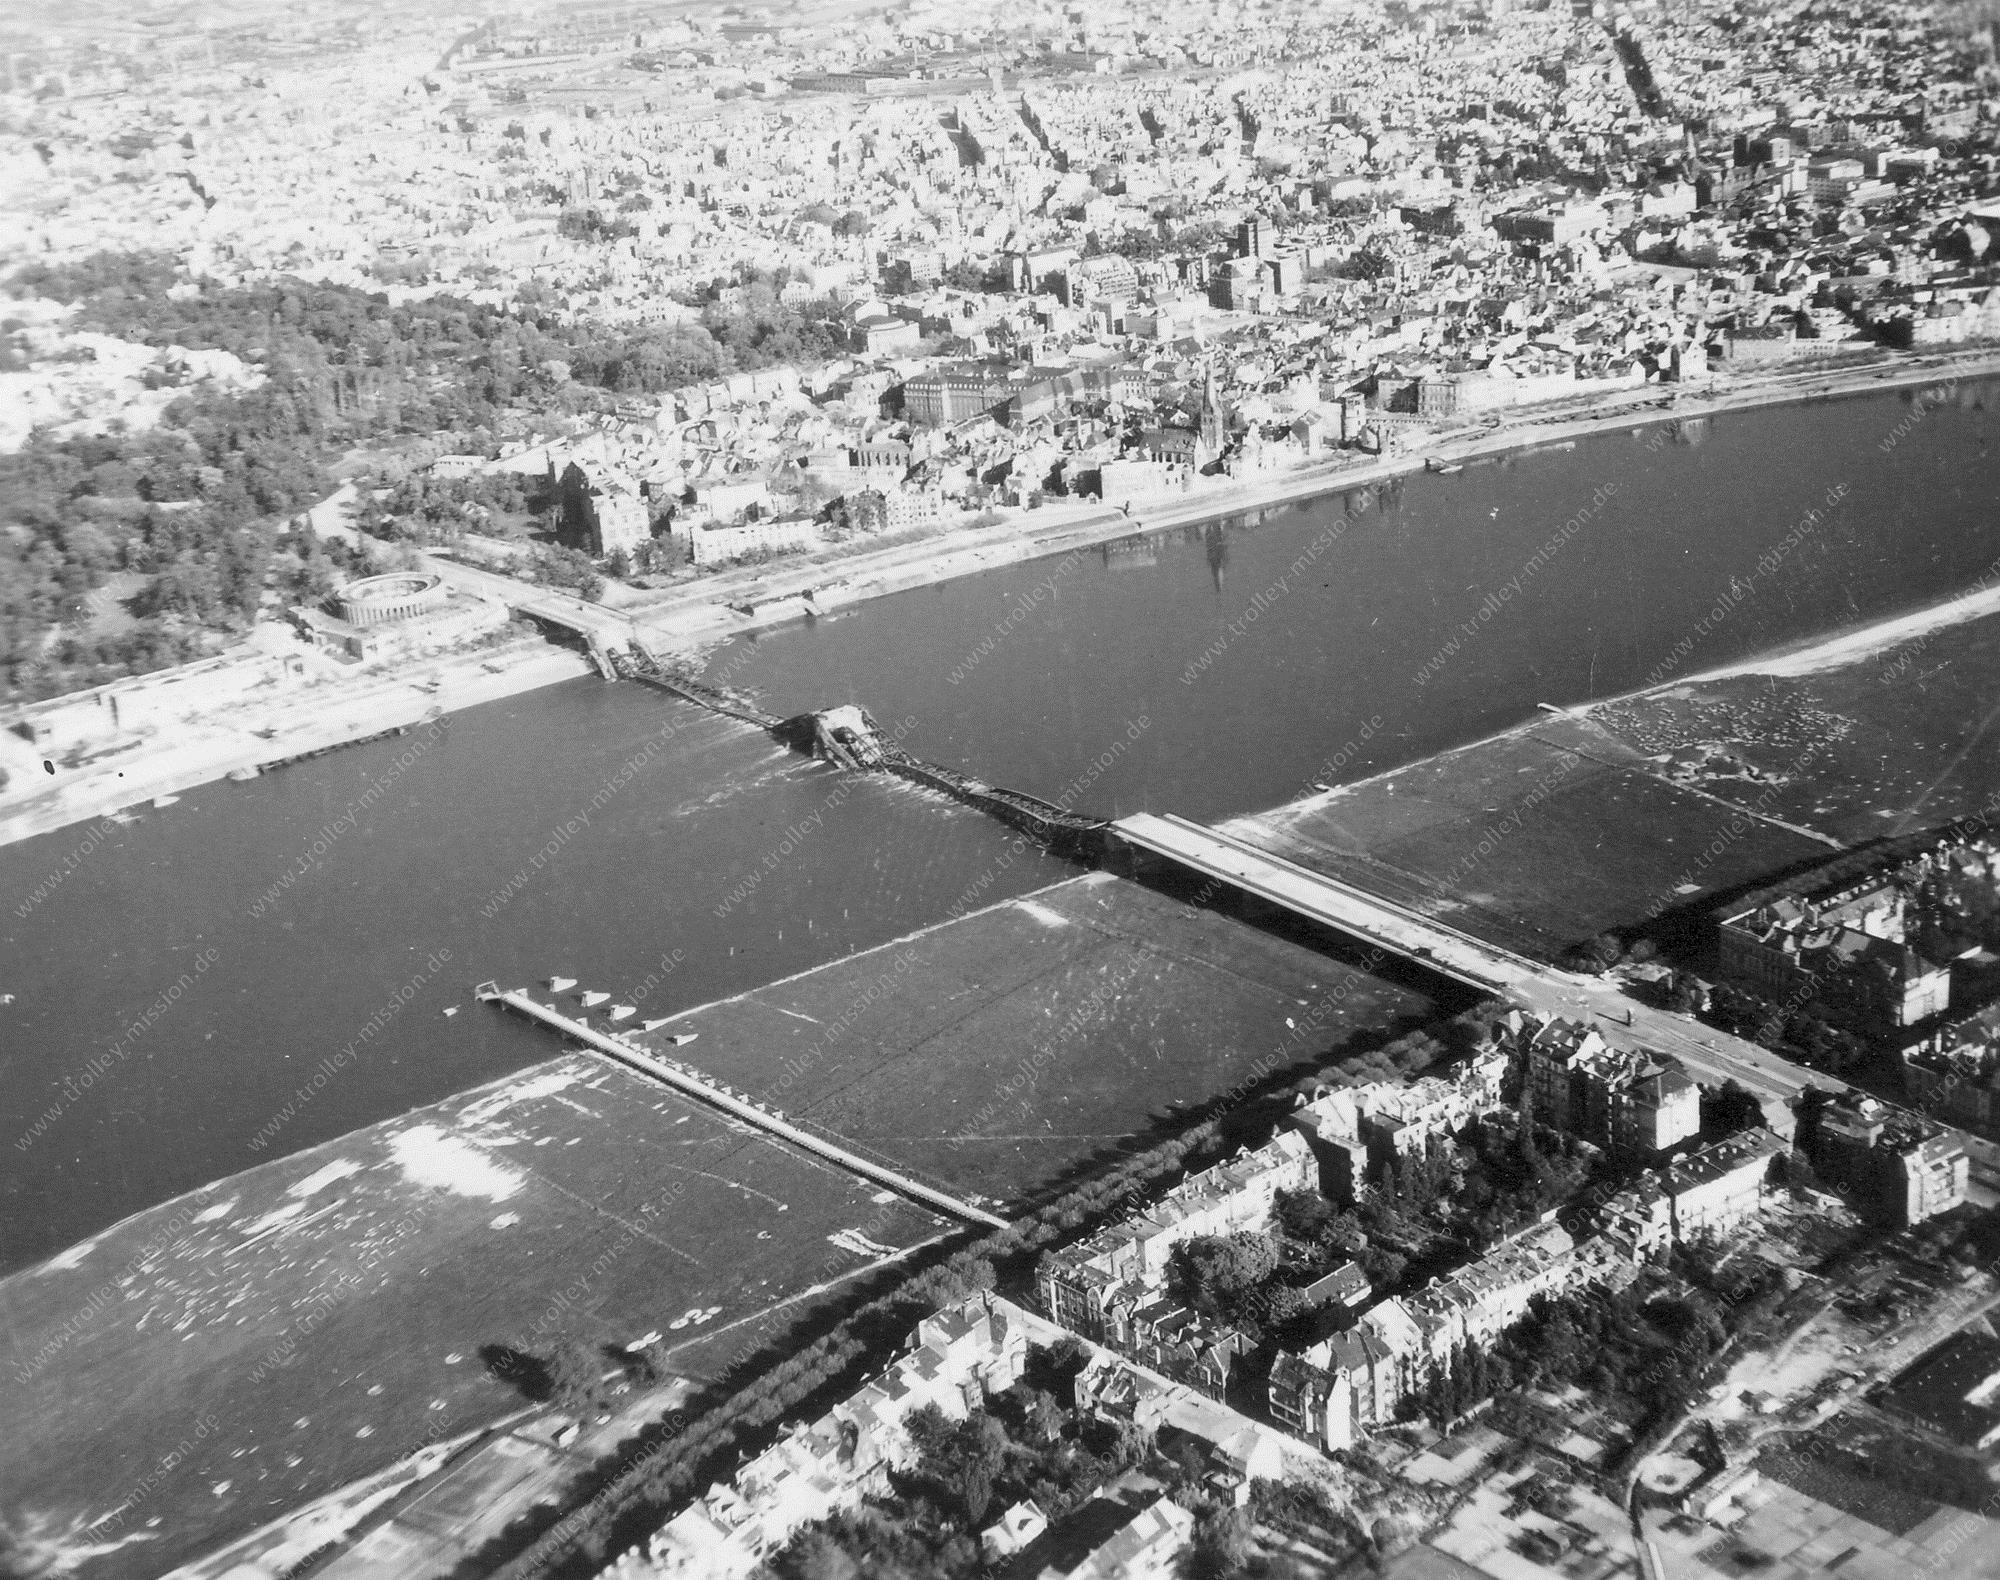 Düsseldorf Luftbild Rheinufer mit Tonhalle und Oberkasseler Brücke